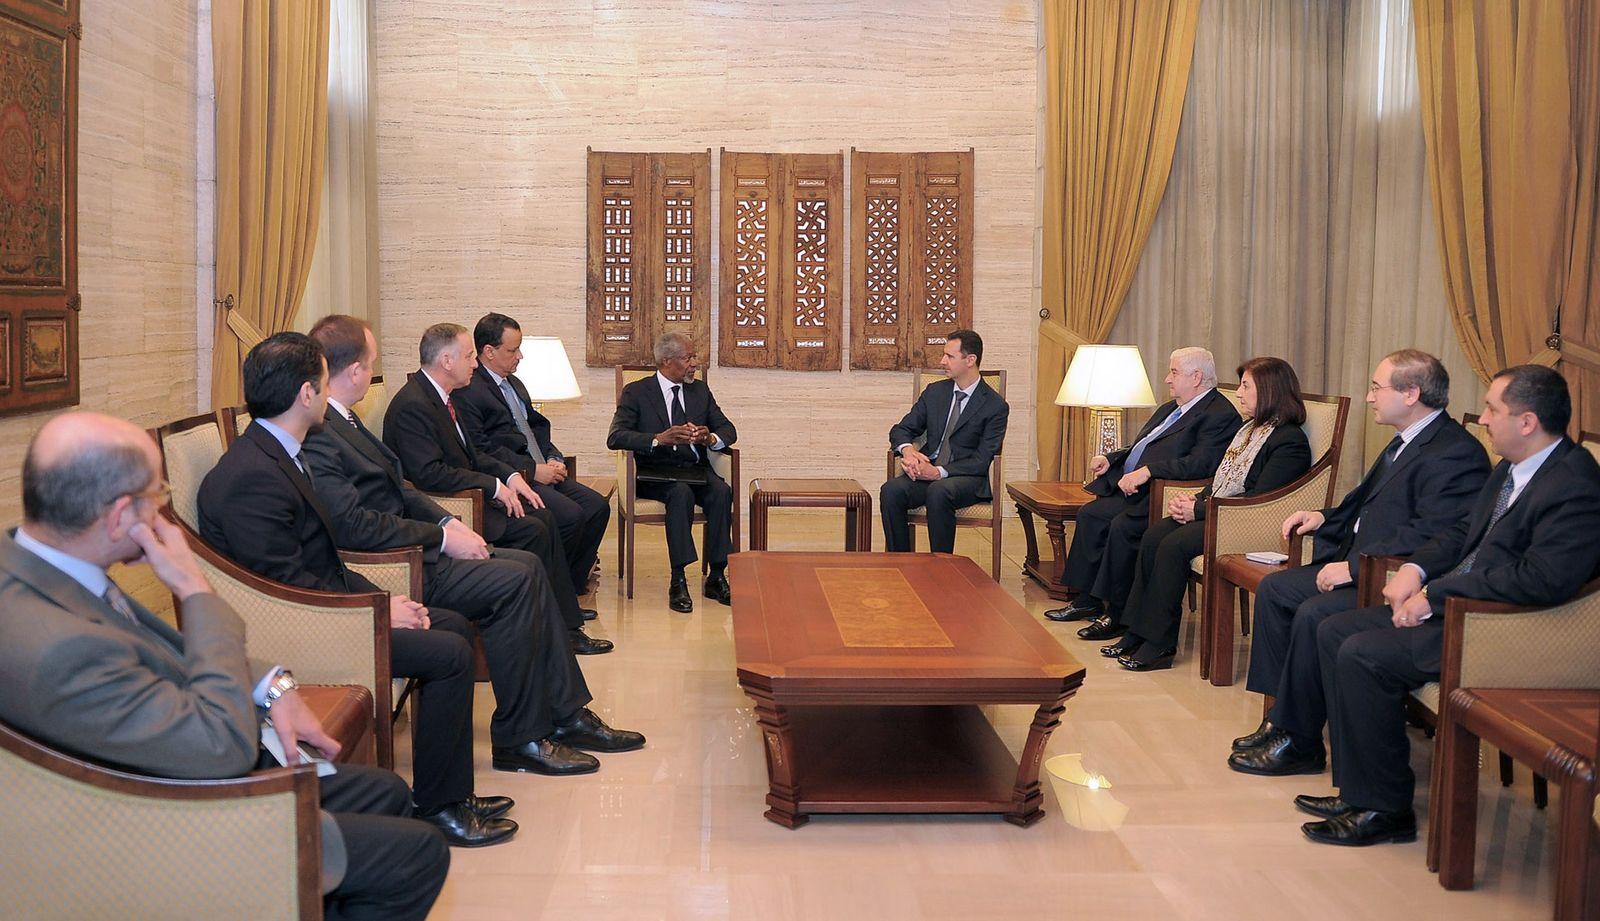 Syrien/ Annan/ Assad